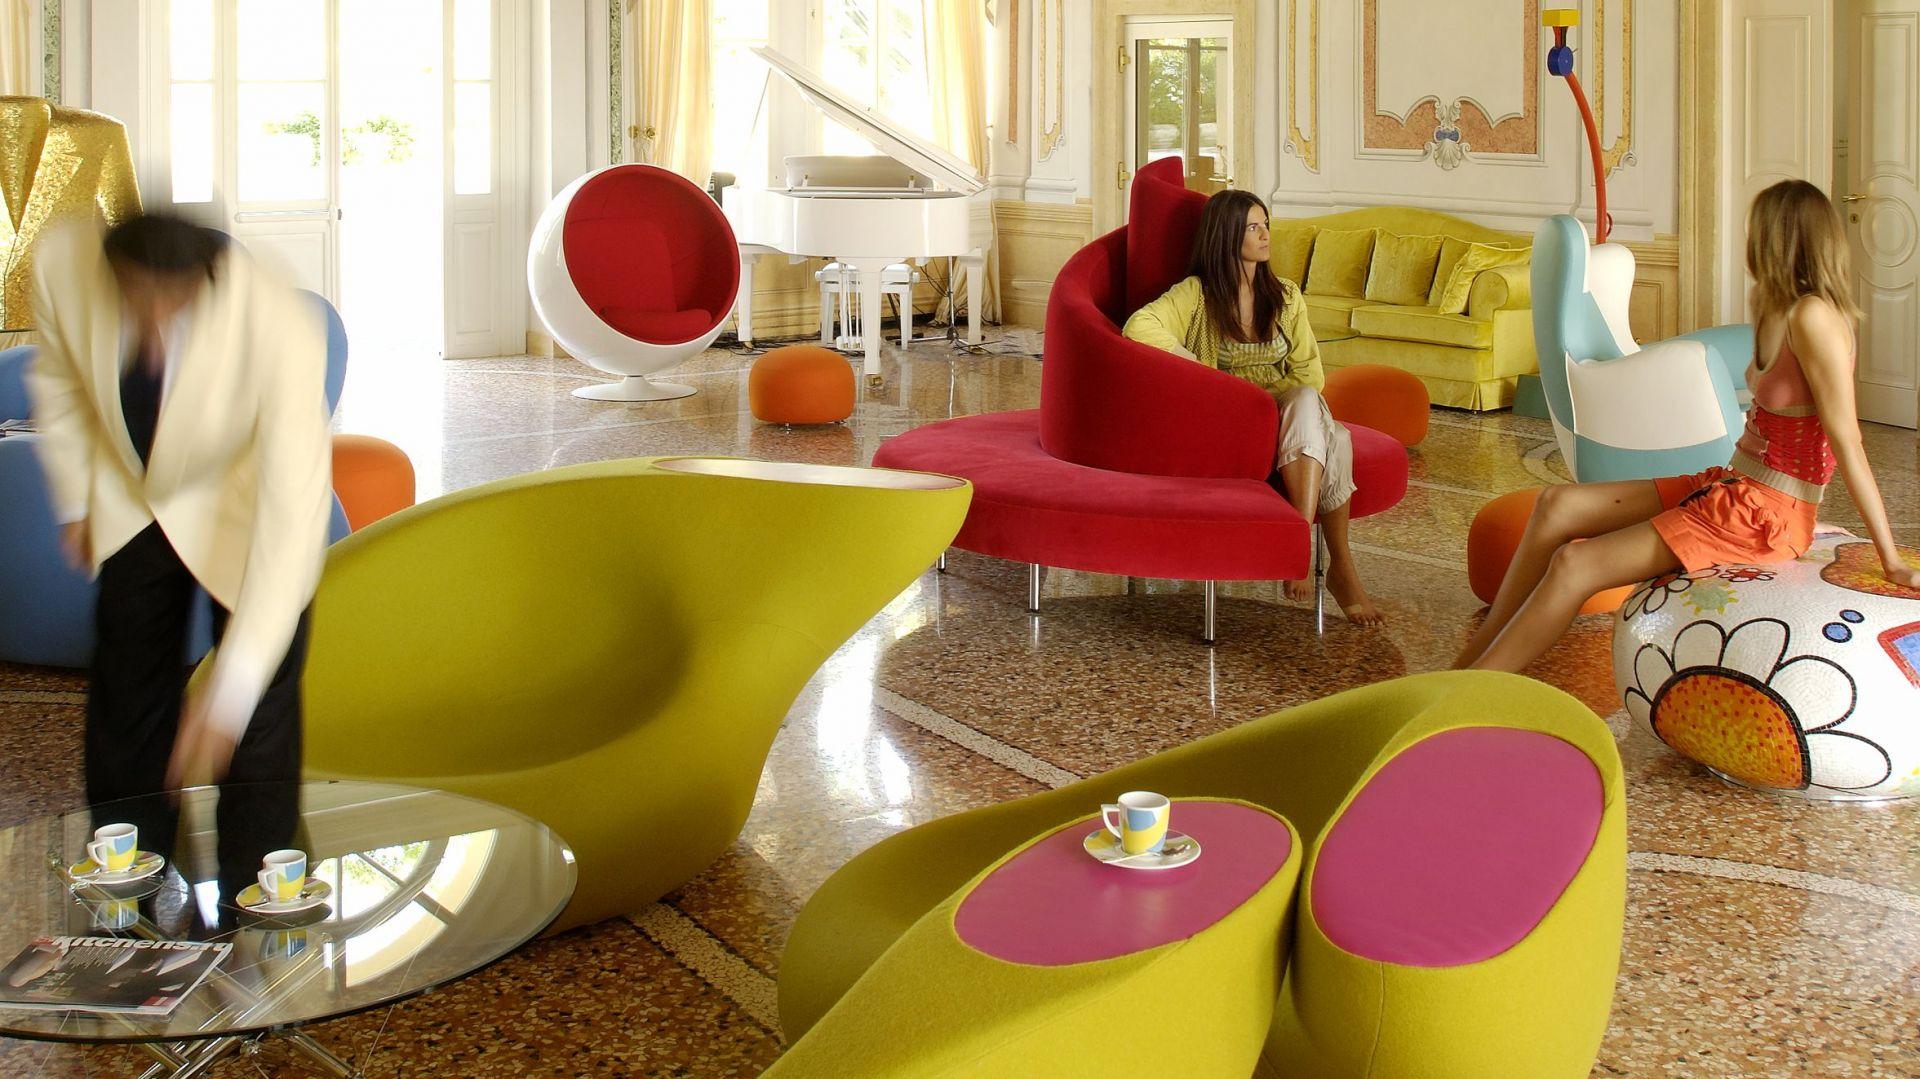 Wnętrza Byblos Art Hotel Villa Amista zaprojektowane przez Dorotę Koziarę